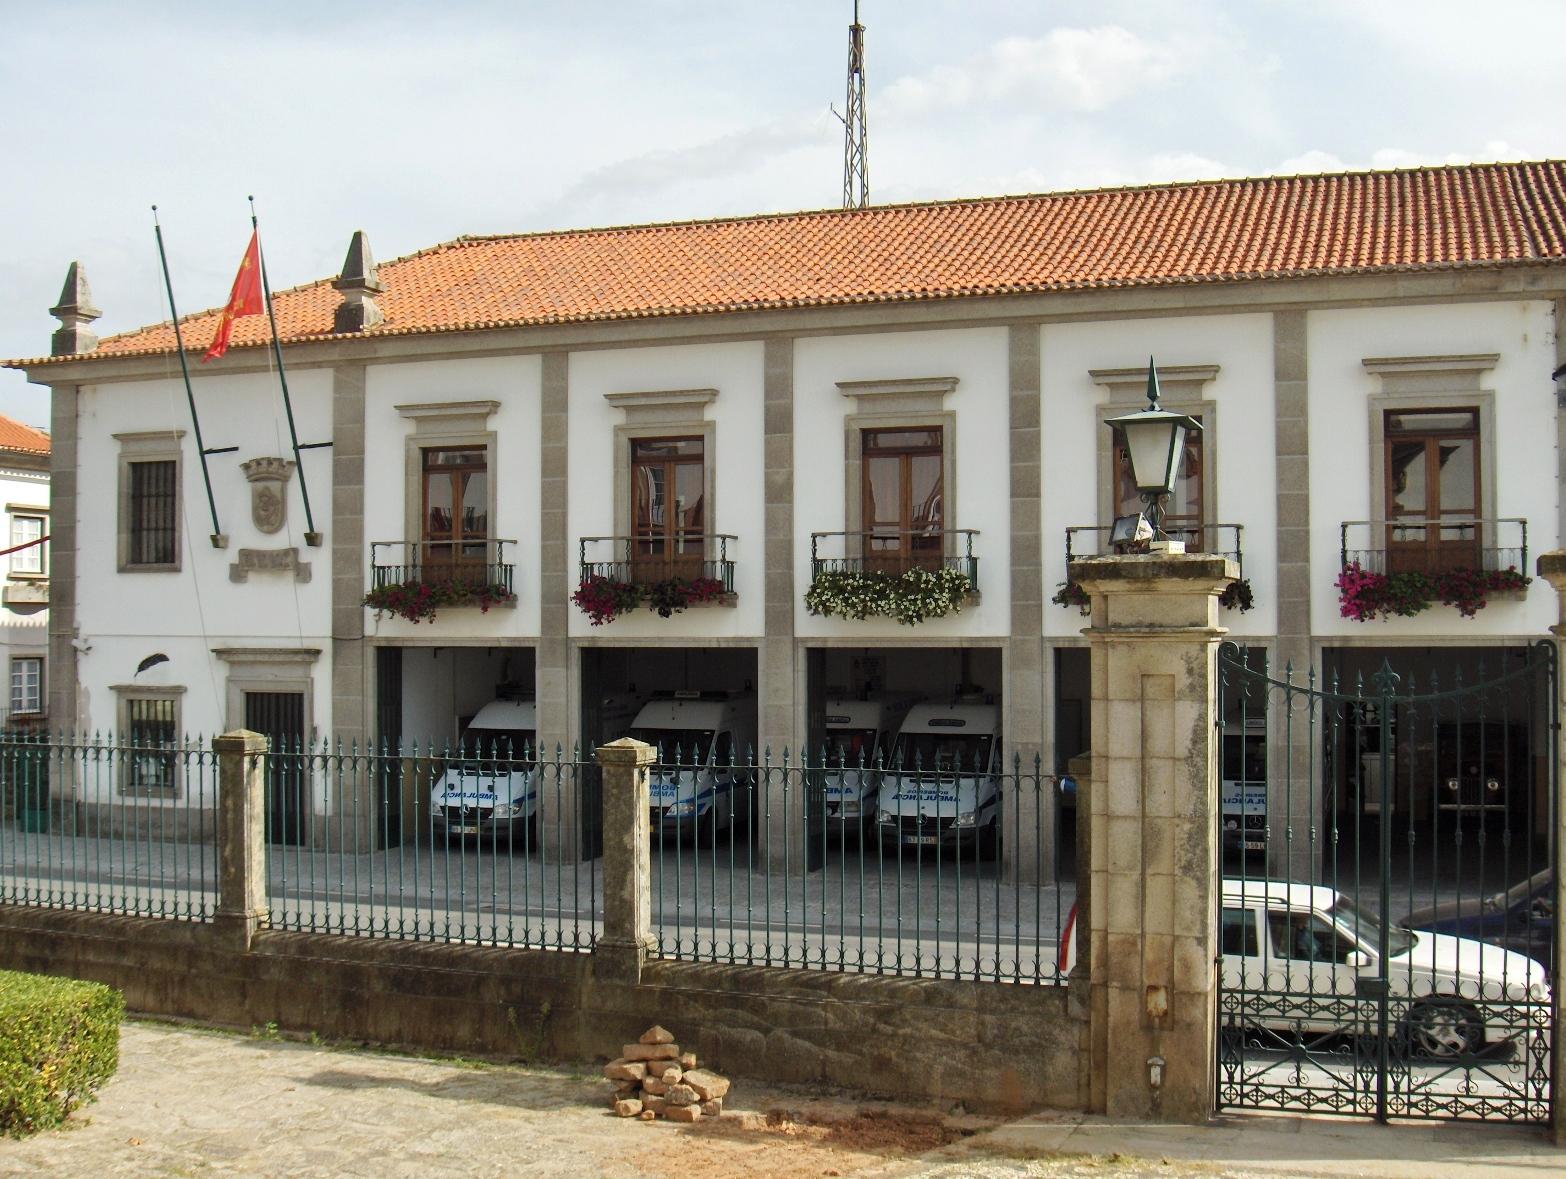 Burocracia de seguradora deixa Voluntários de Viana sem ambulância do INEM